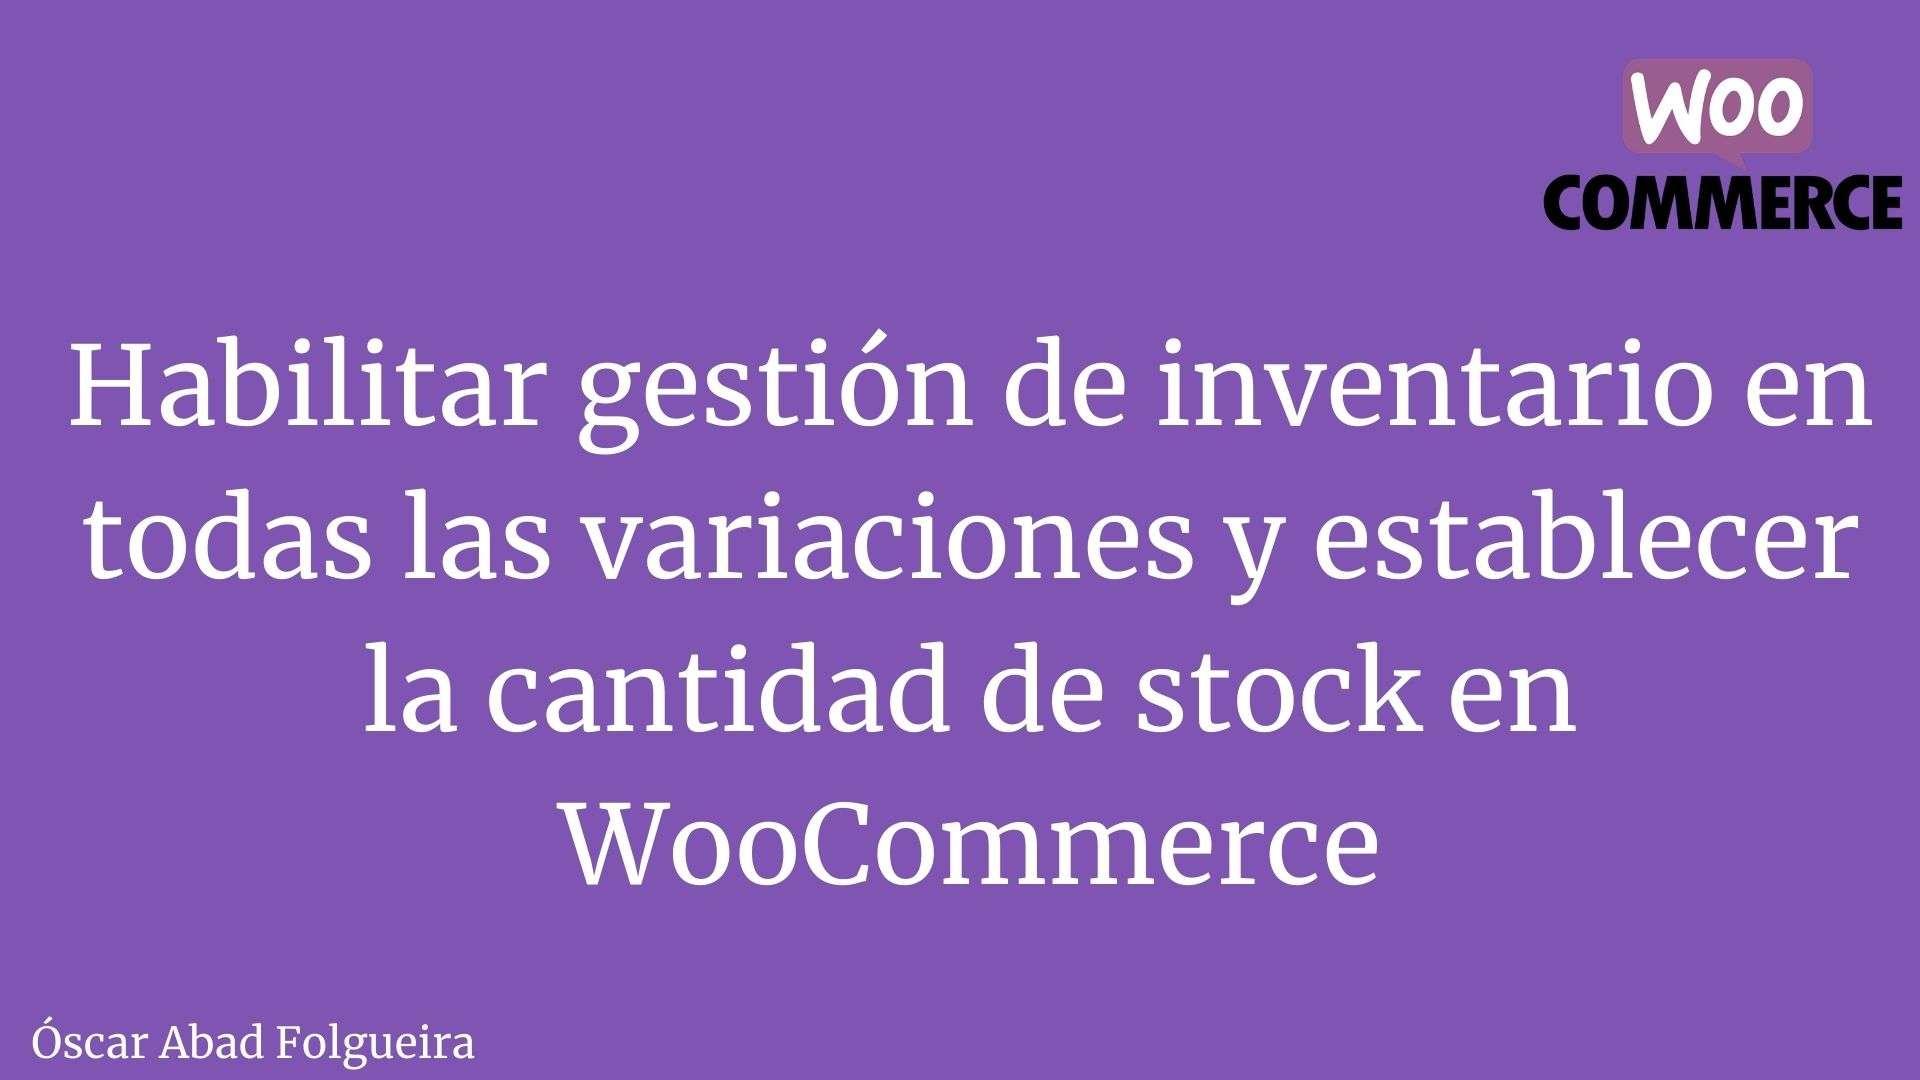 WooCoomerce Snippet - Habilitar gestión de inventario en todas las variaciones y establecer la cantidad de stock en WooCommerce.